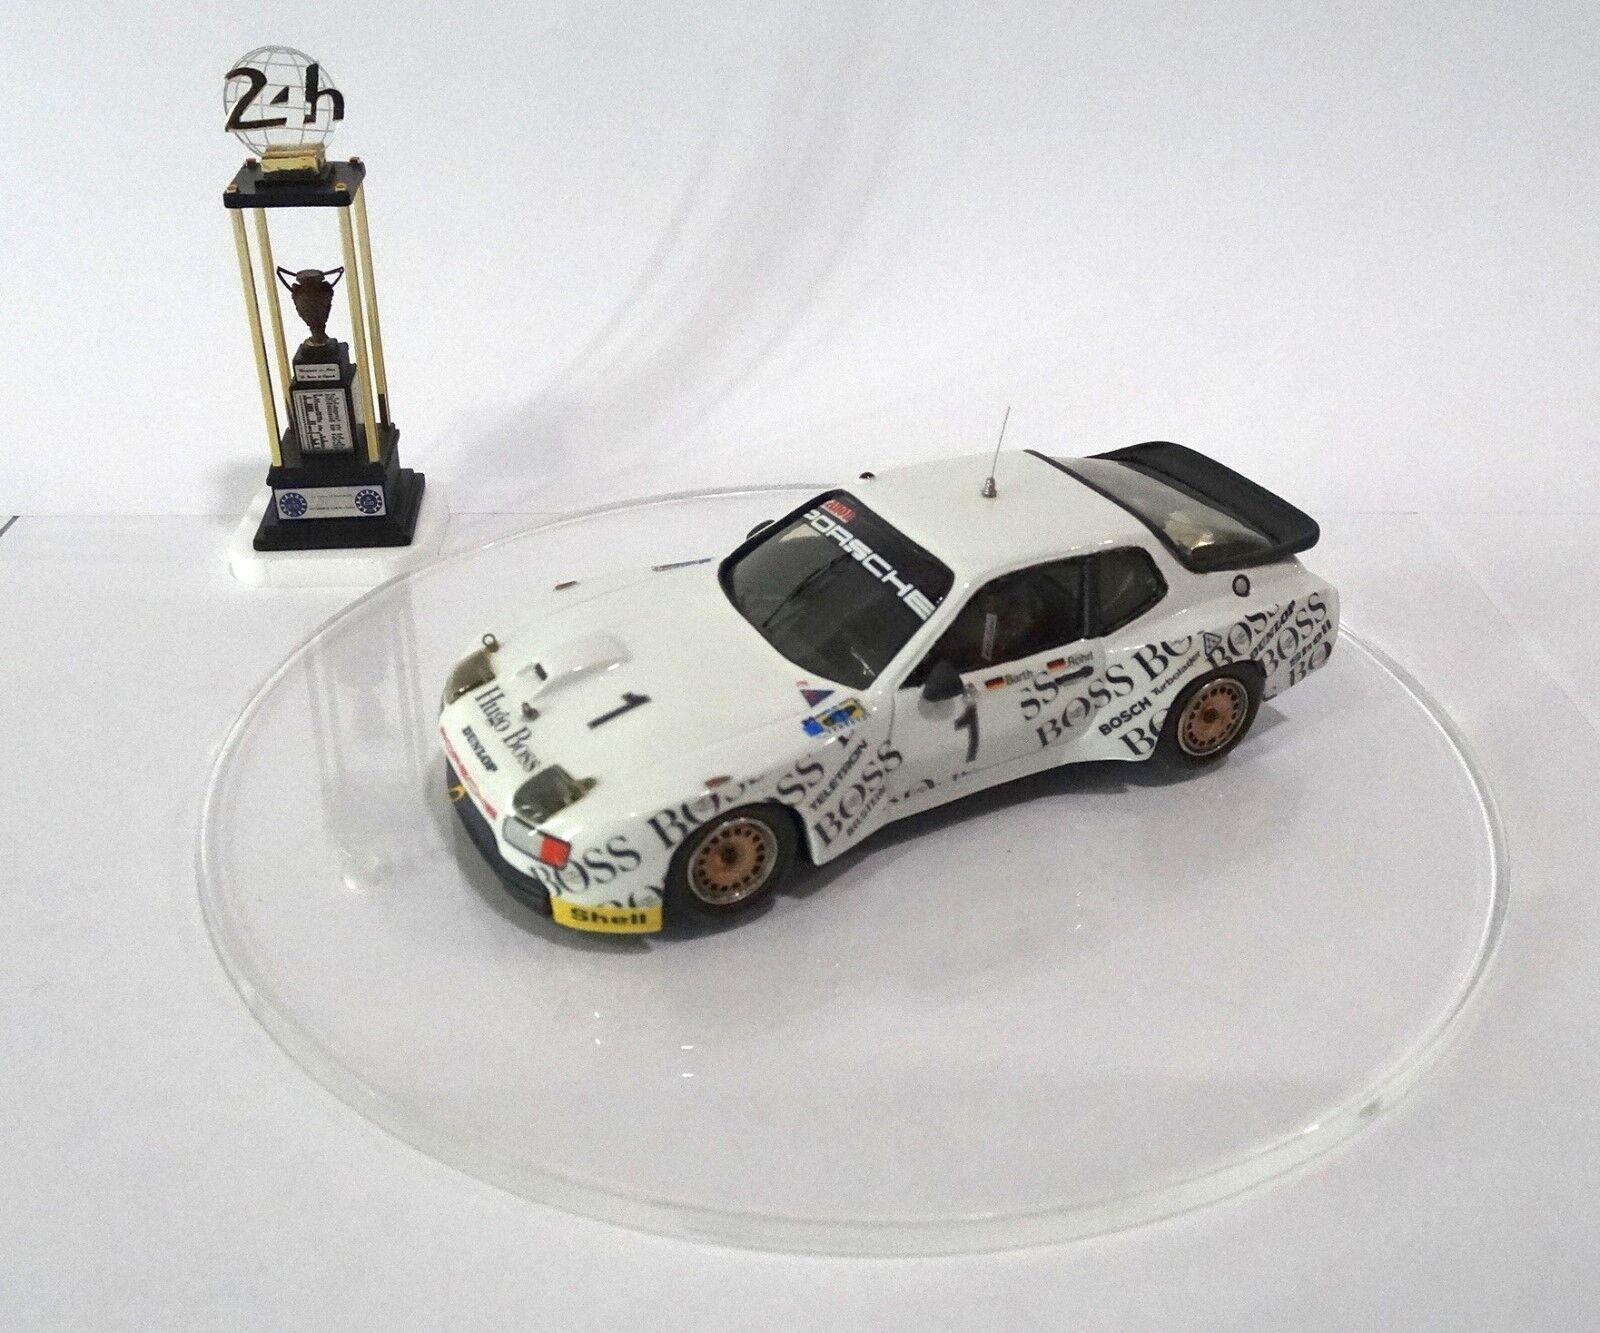 PORSCHE 924 GTP BOSS Le Mans 1981 Built Monté Kit 1 43 no spark minichamps